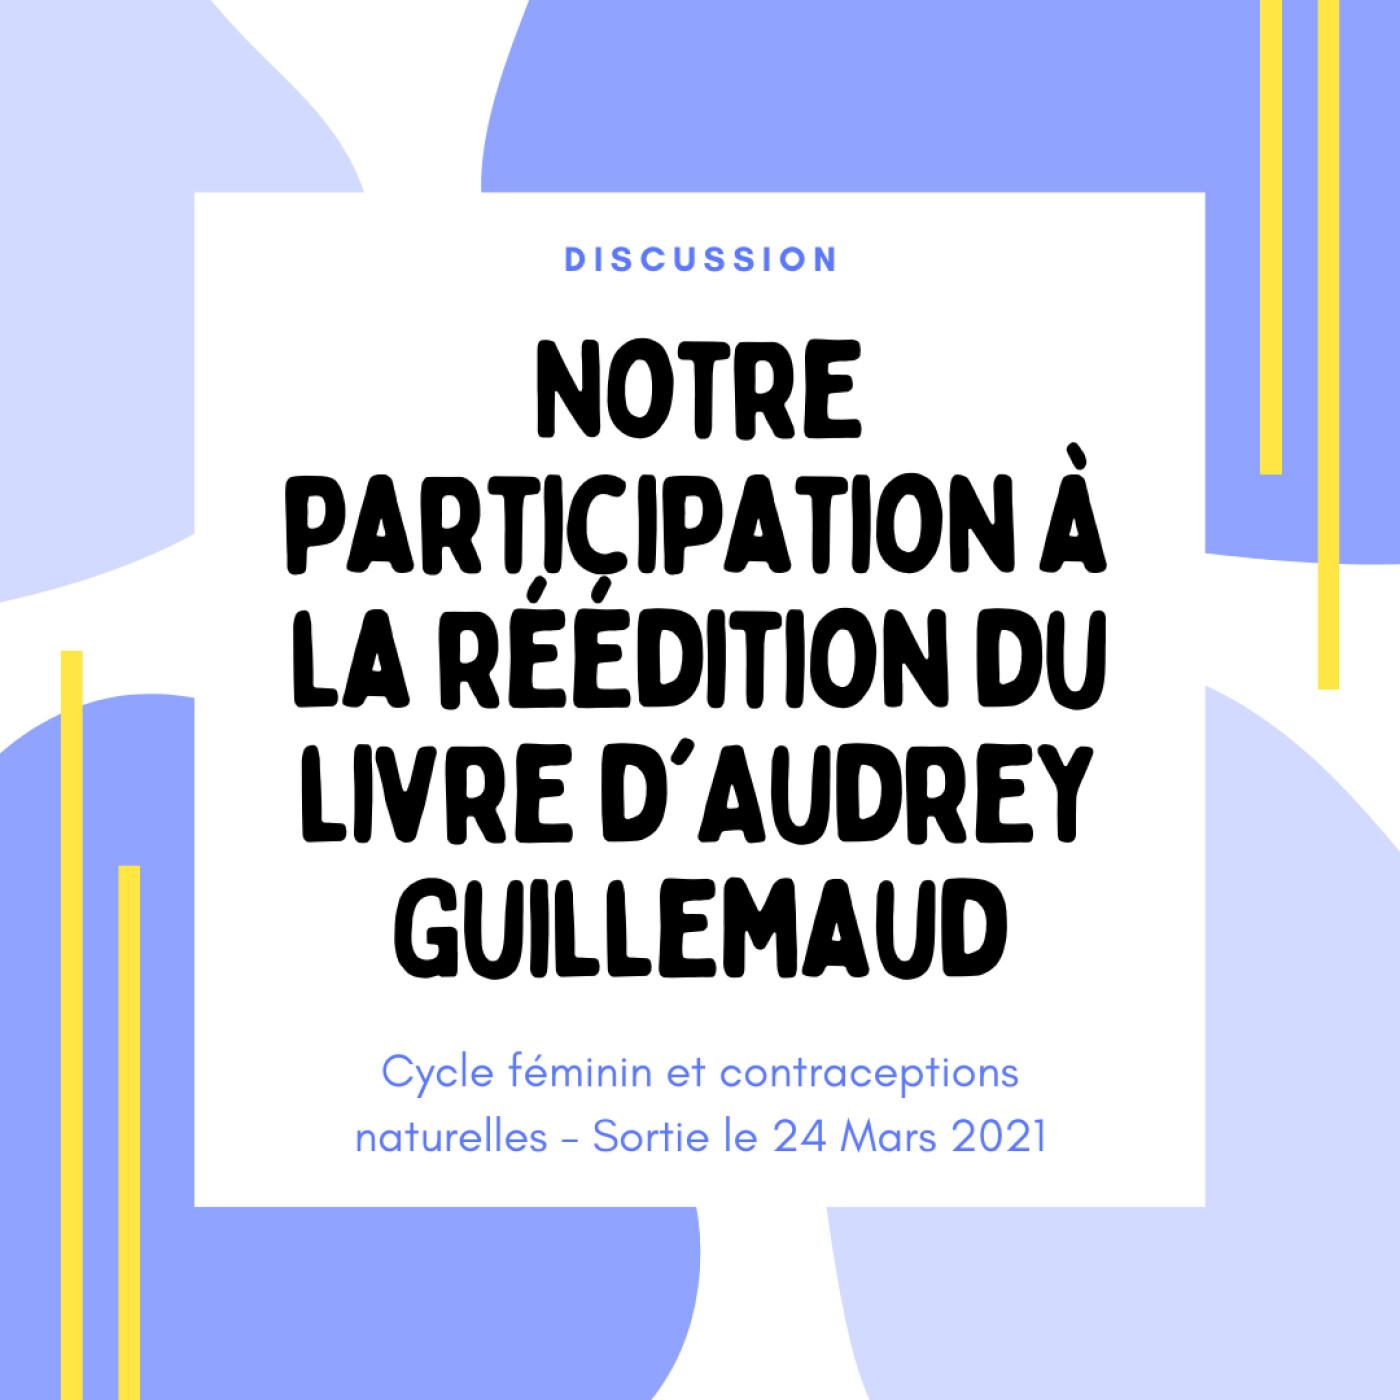 Notre participation à la réédition du livre d'Audrey Guillemaud